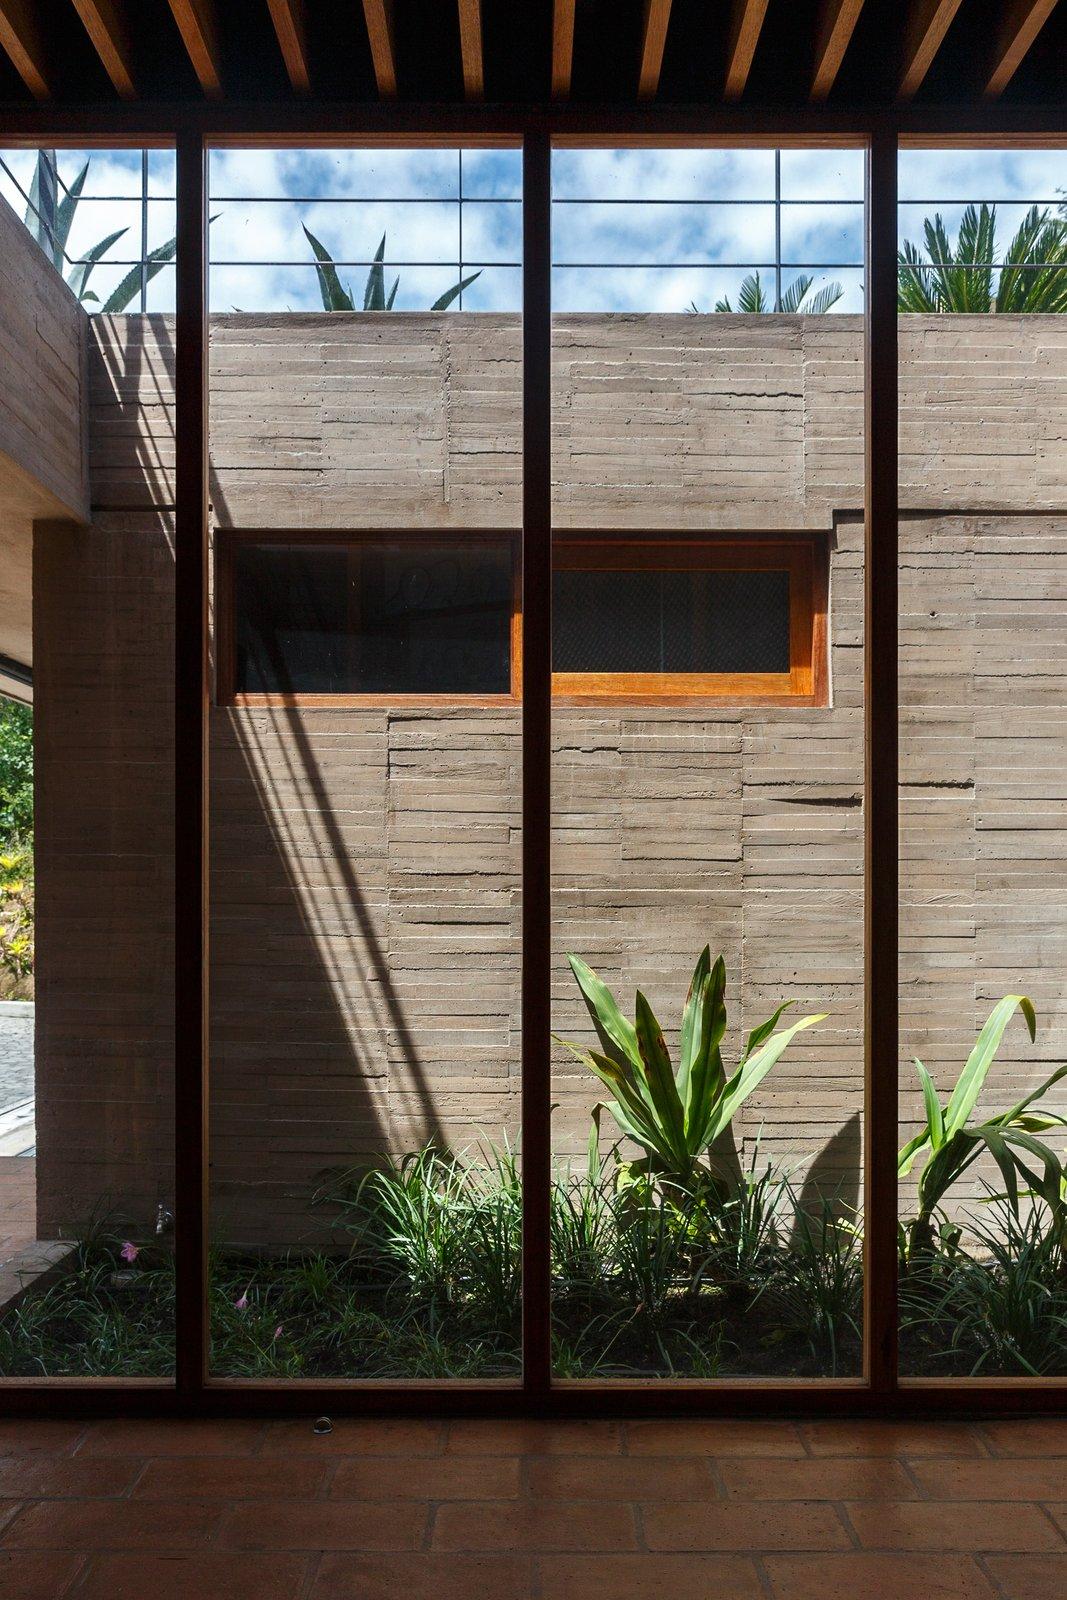 Hallway and Ceramic Tile Floor  La casa en la quebrada by DIEZ + MULLER ARQUITECTOS